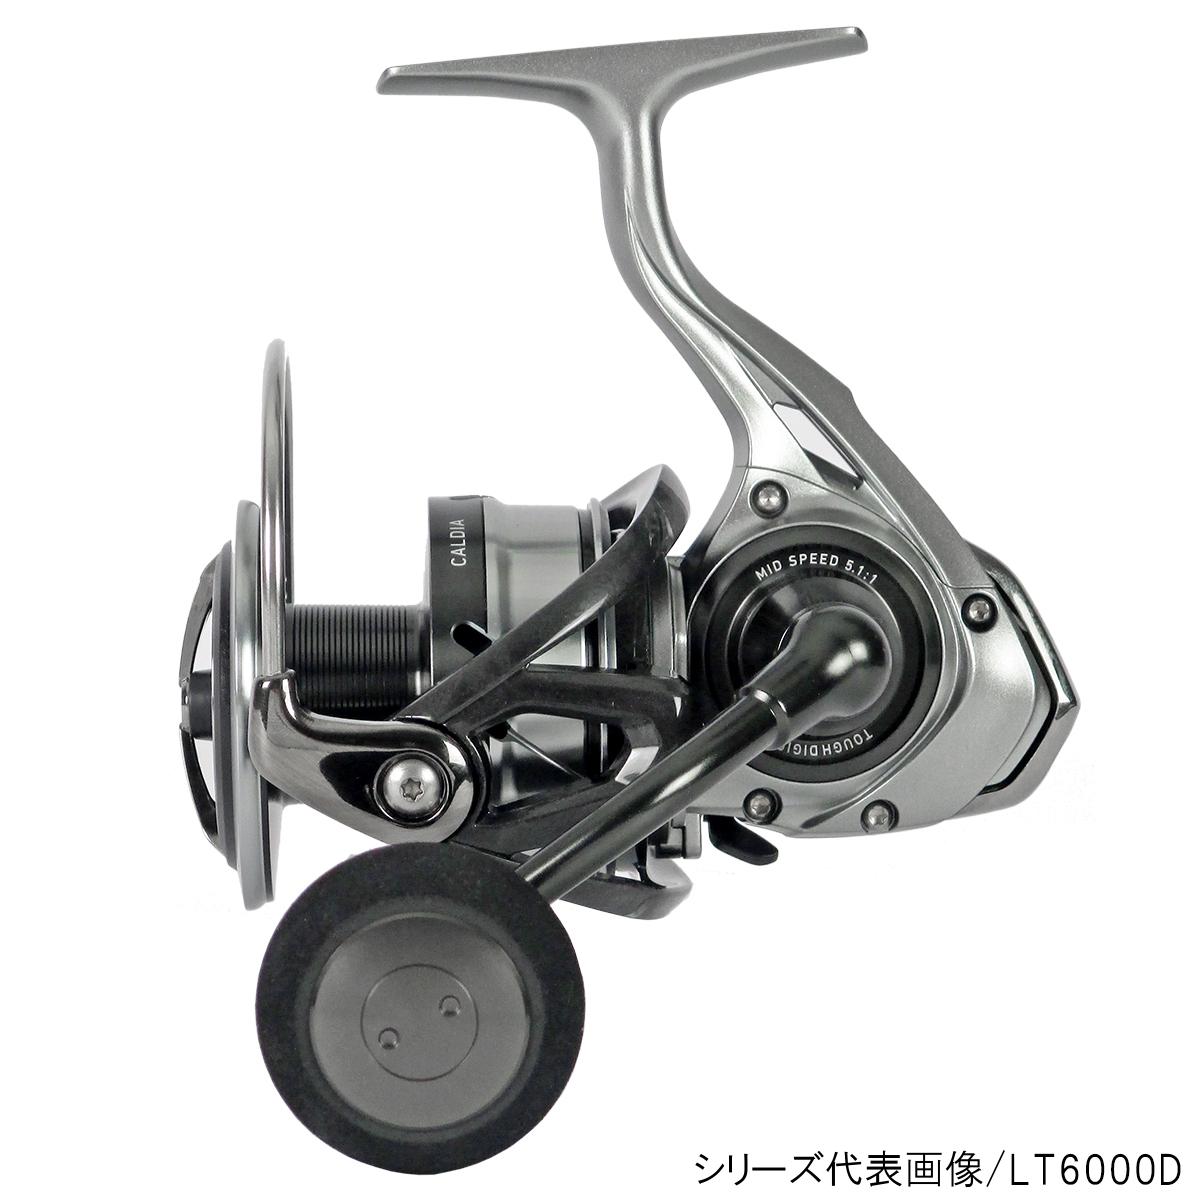 ダイワ カルディア LT5000D-CXH